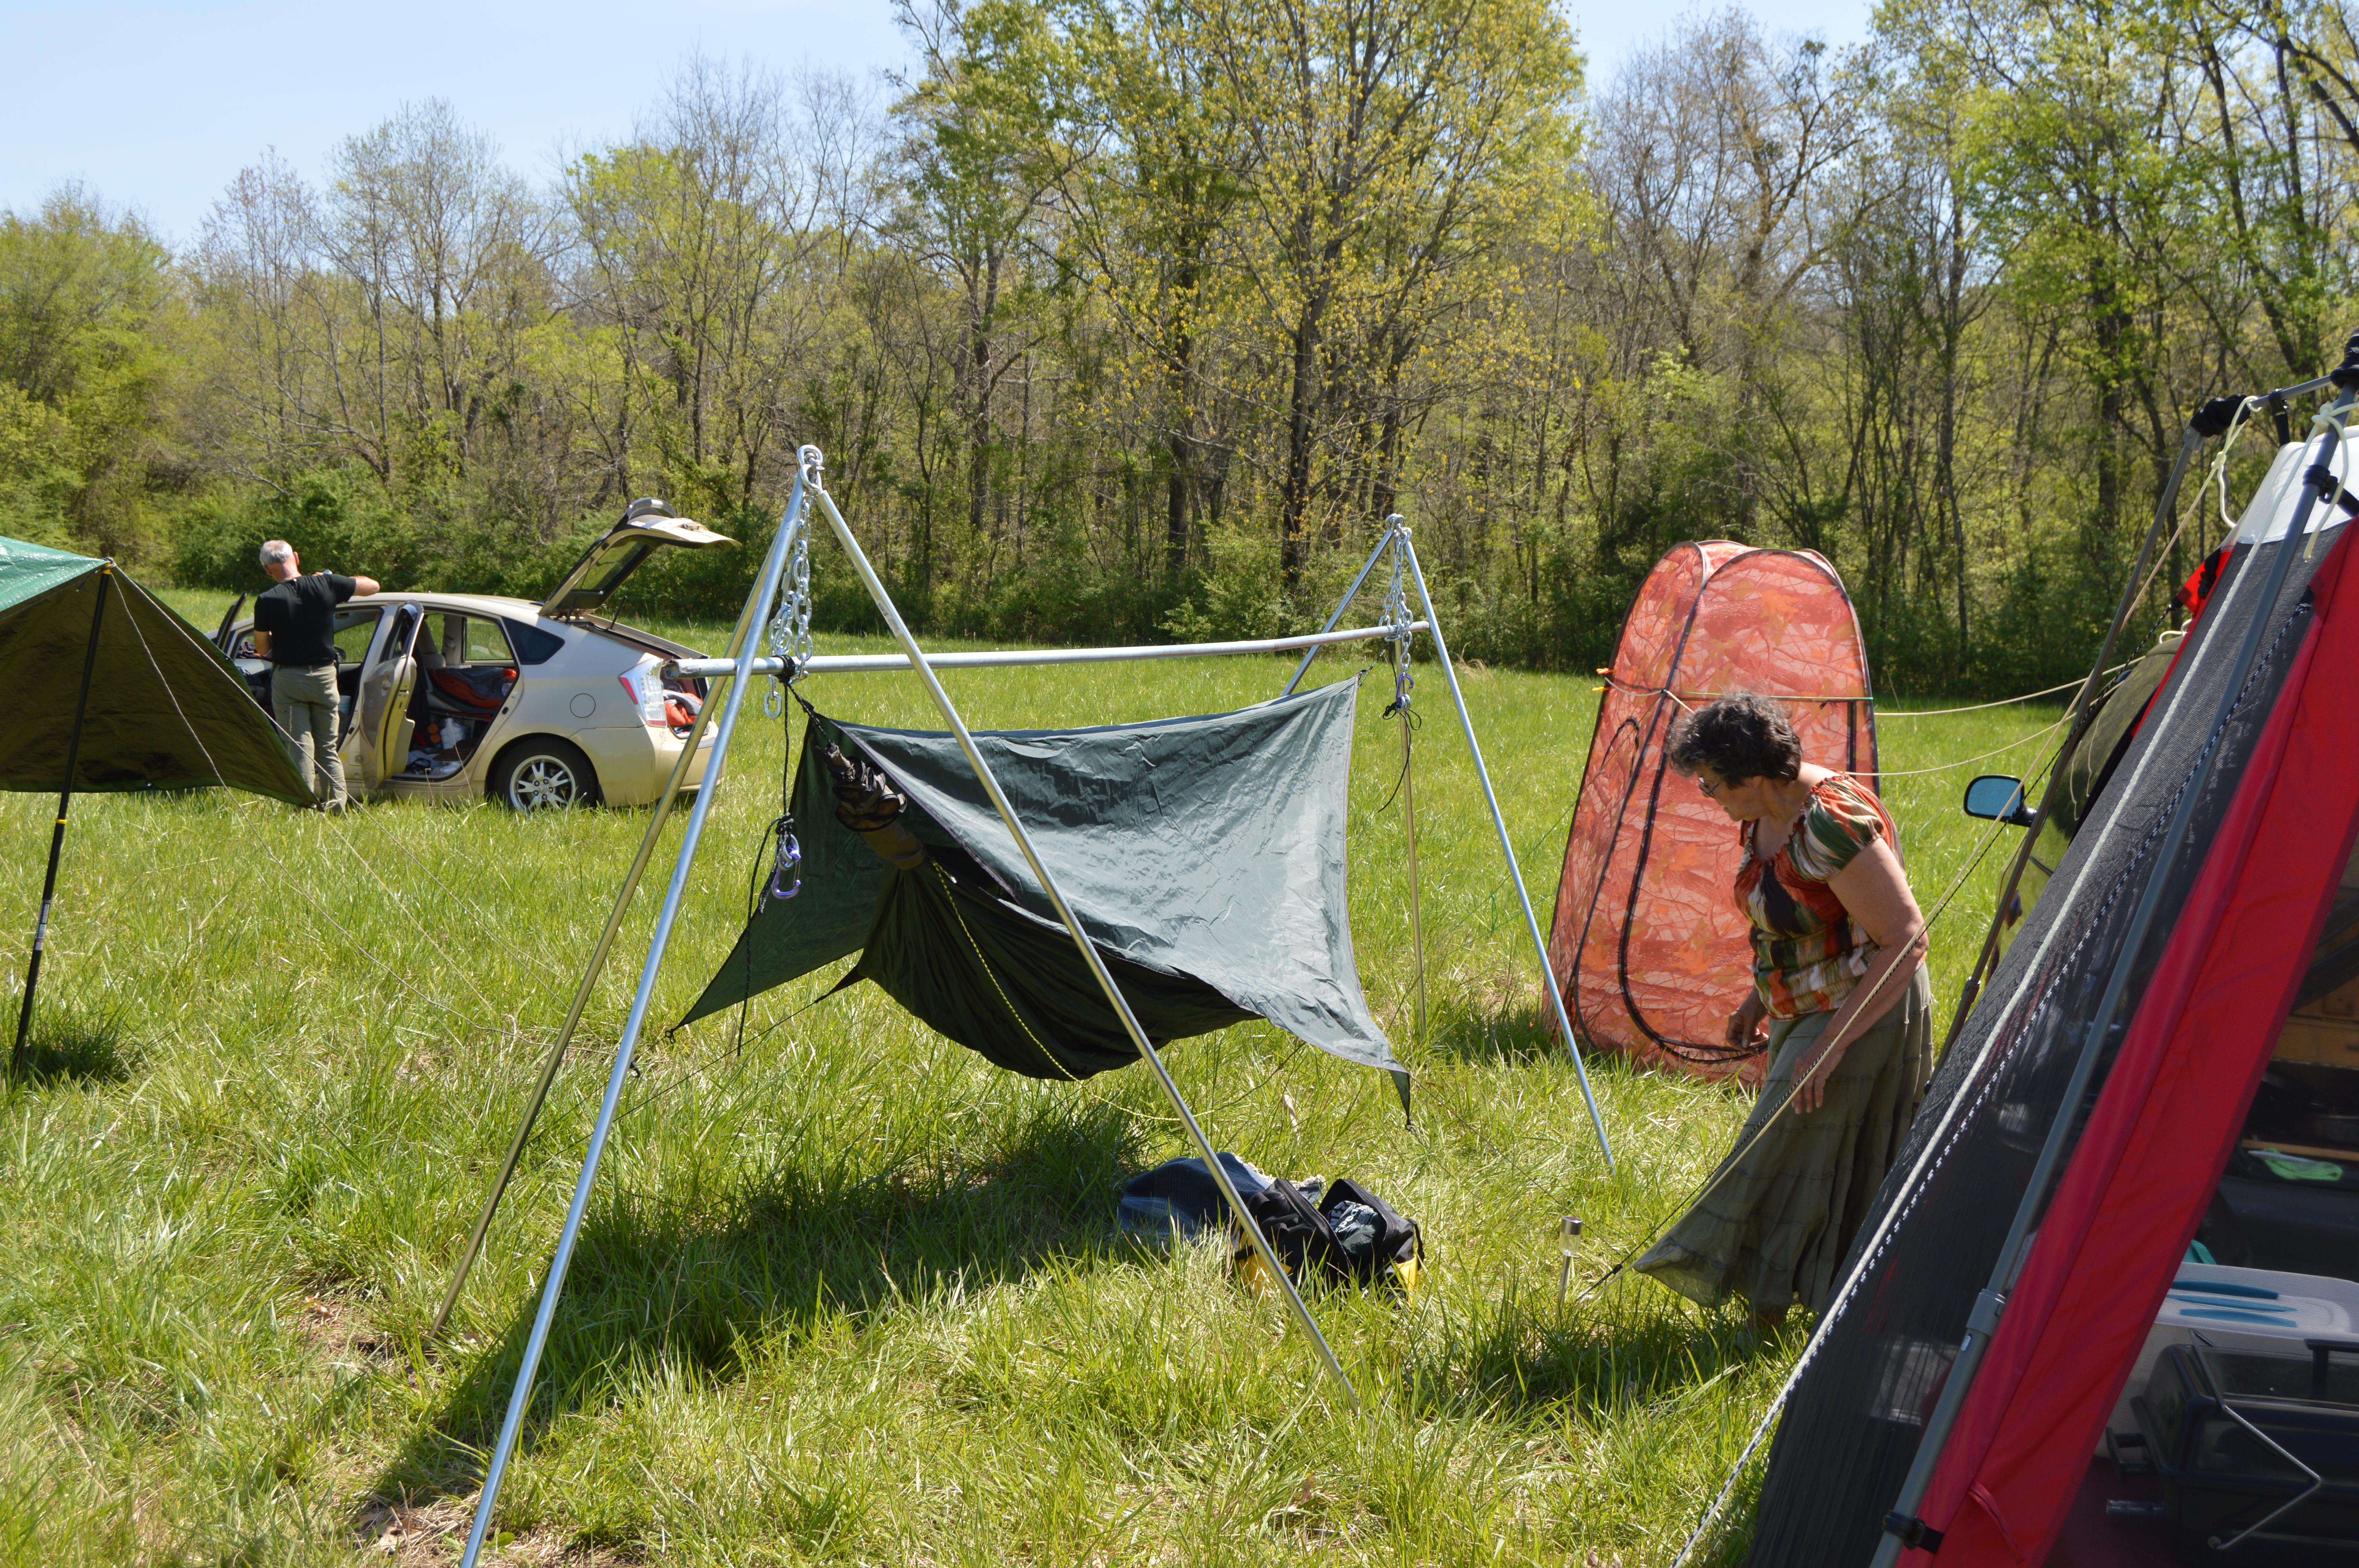 falls file elevate your moosenut pole perspective hammock a setup sub full